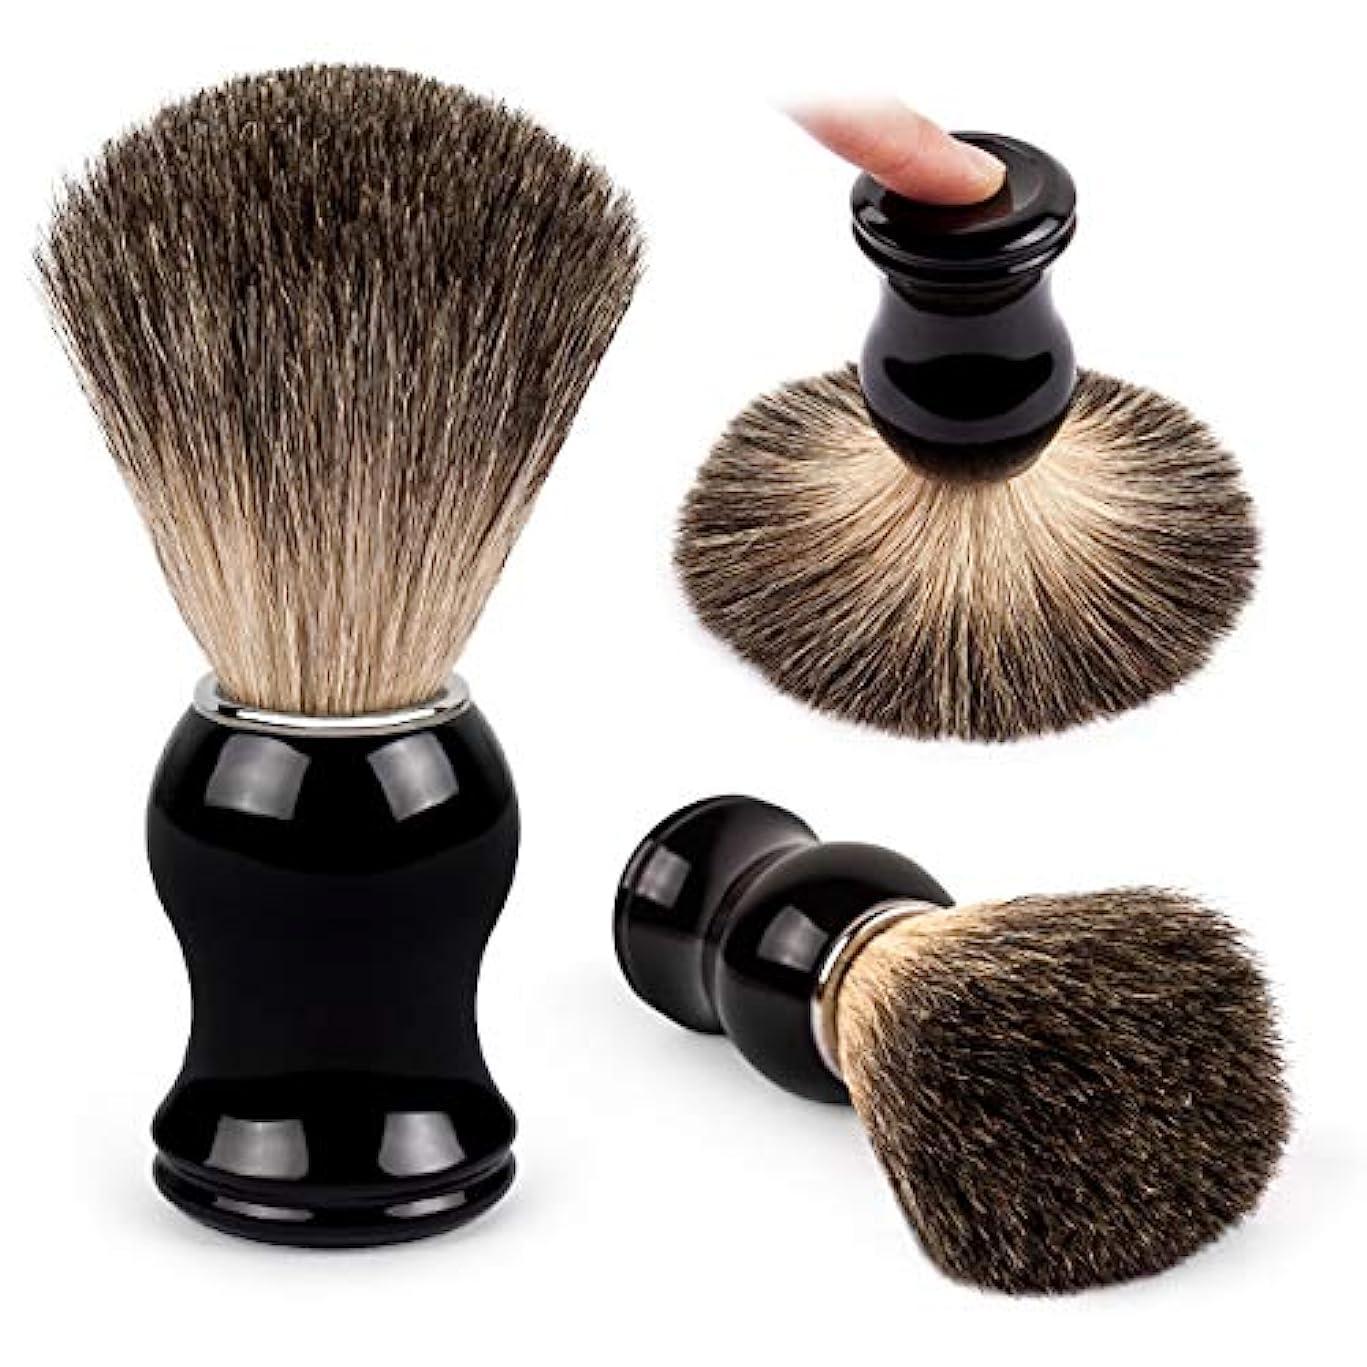 ハンサム空道を作るQSHAVE 100%最高級アナグマ毛オリジナルハンドメイドシェービングブラシ。高品質樹脂ハンドル。ウェットシェービング、安全カミソリ、両刃カミソリに最適